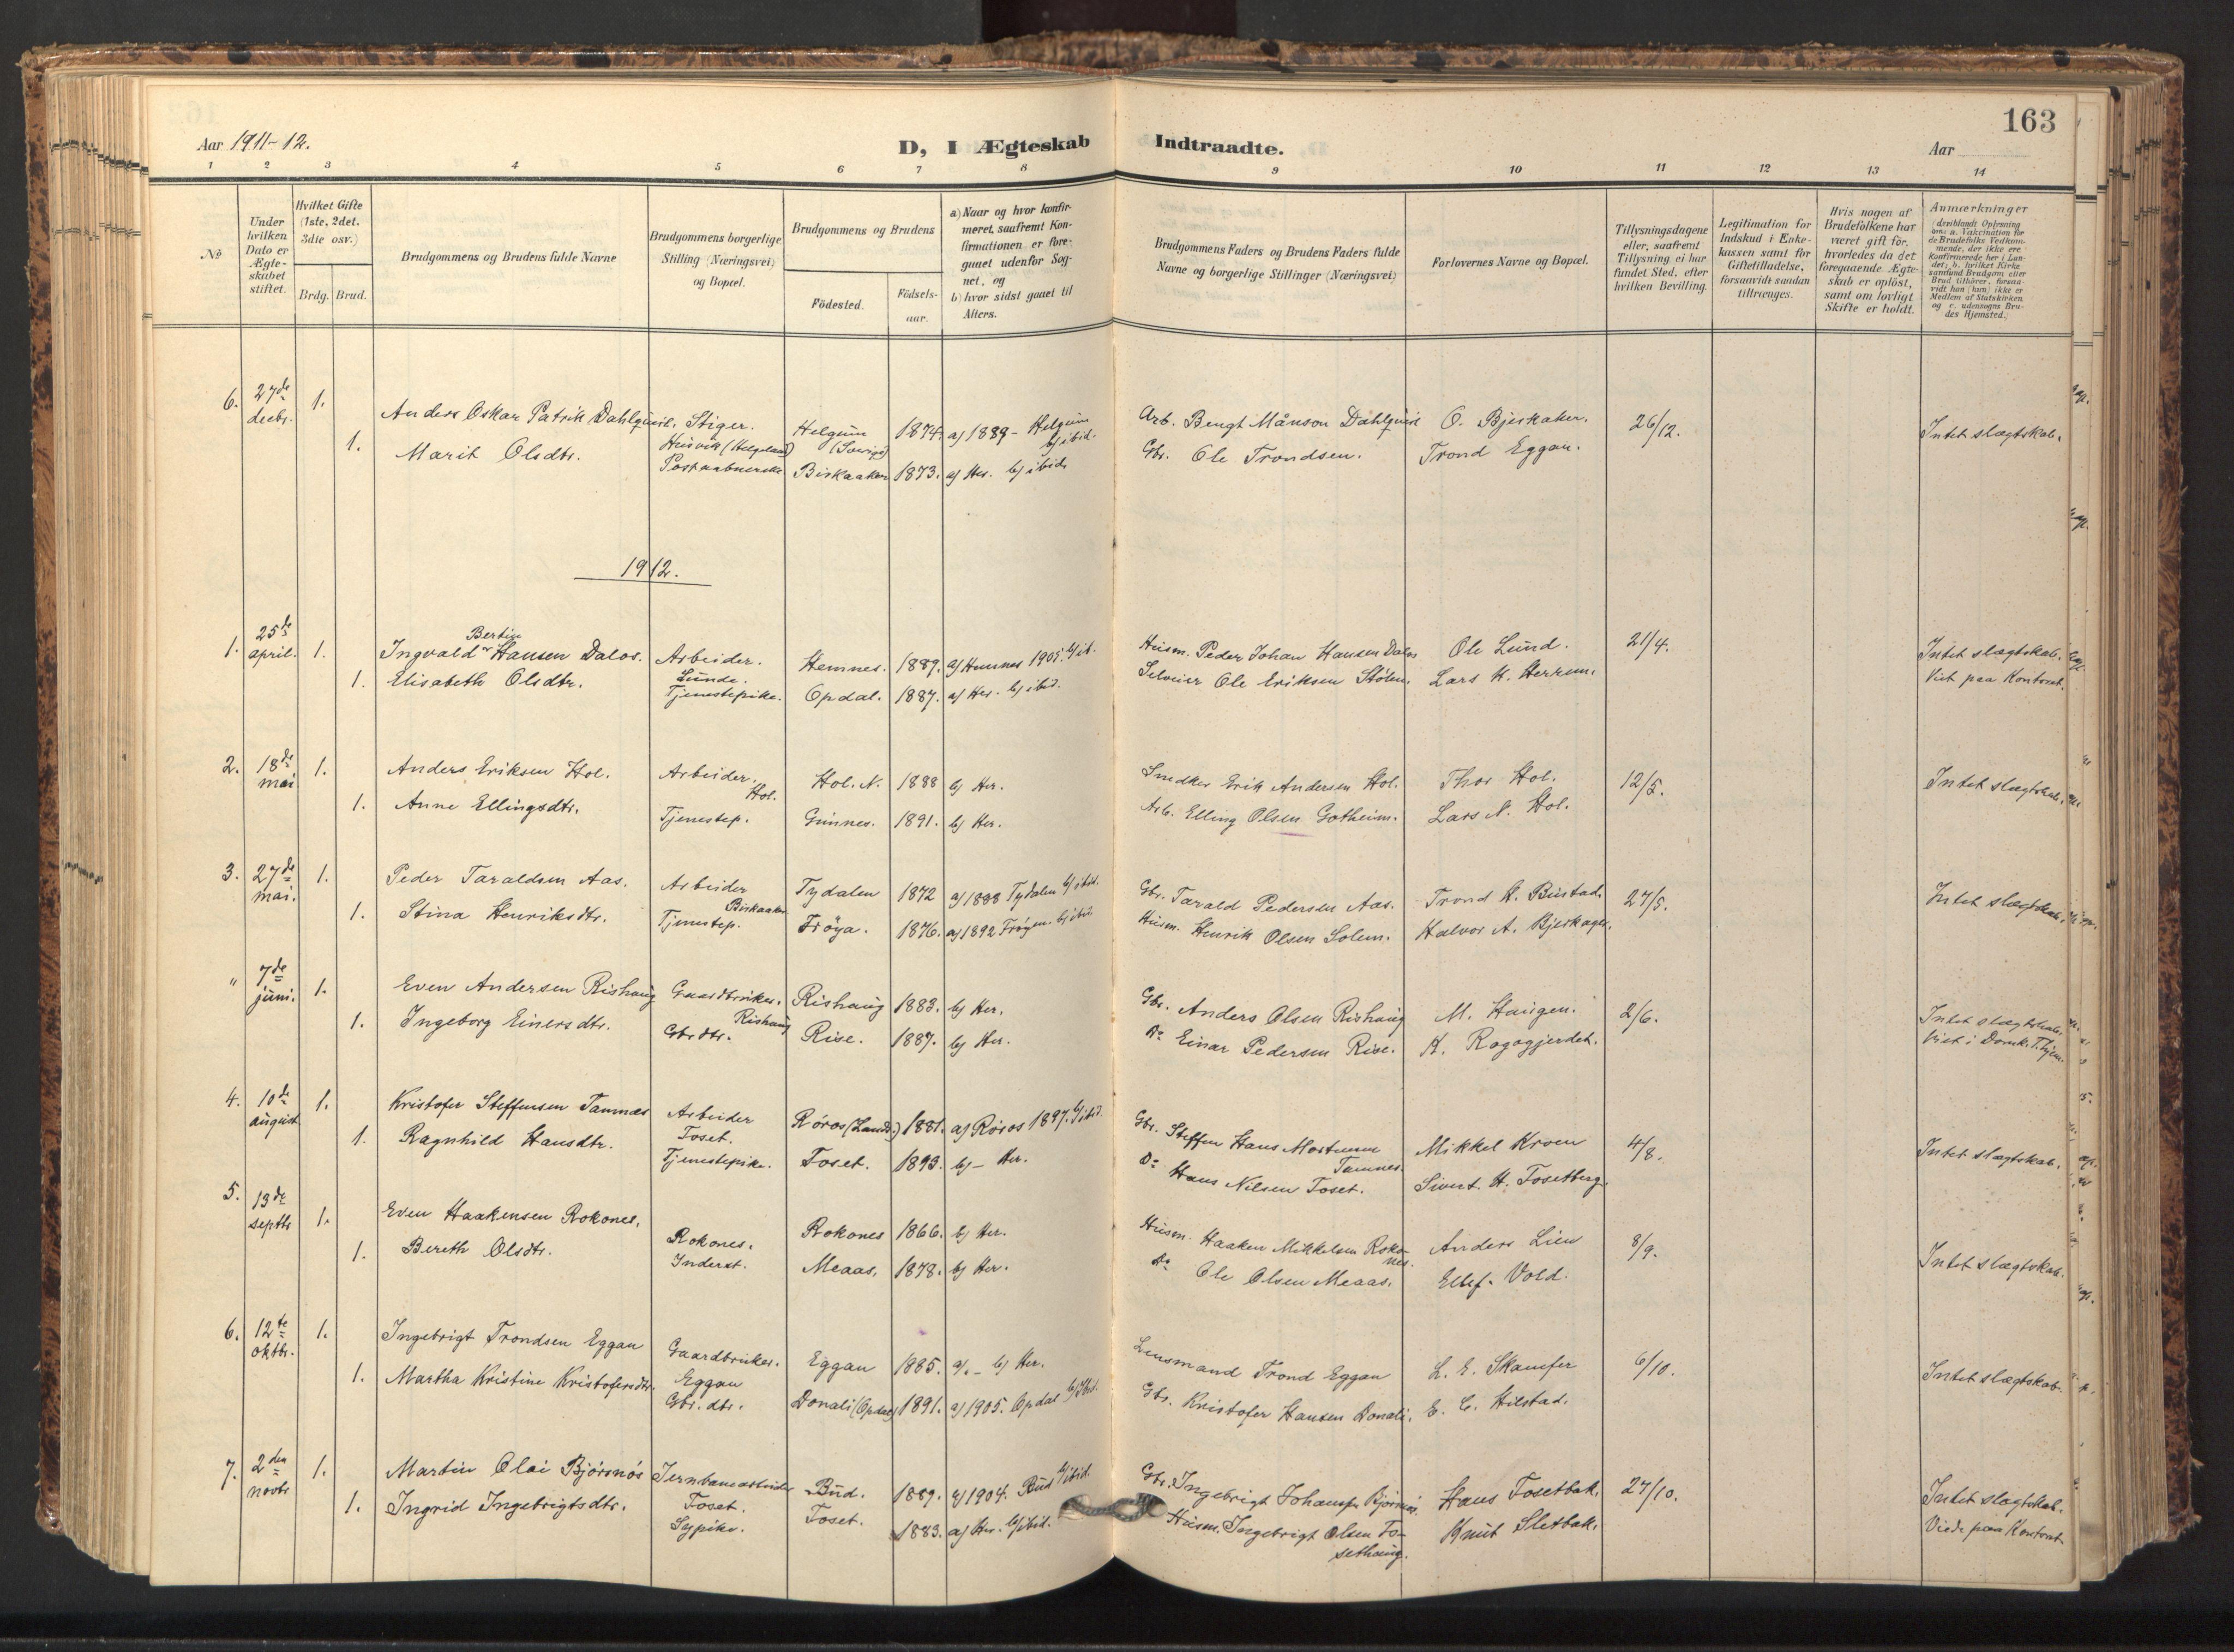 SAT, Ministerialprotokoller, klokkerbøker og fødselsregistre - Sør-Trøndelag, 674/L0873: Ministerialbok nr. 674A05, 1908-1923, s. 163